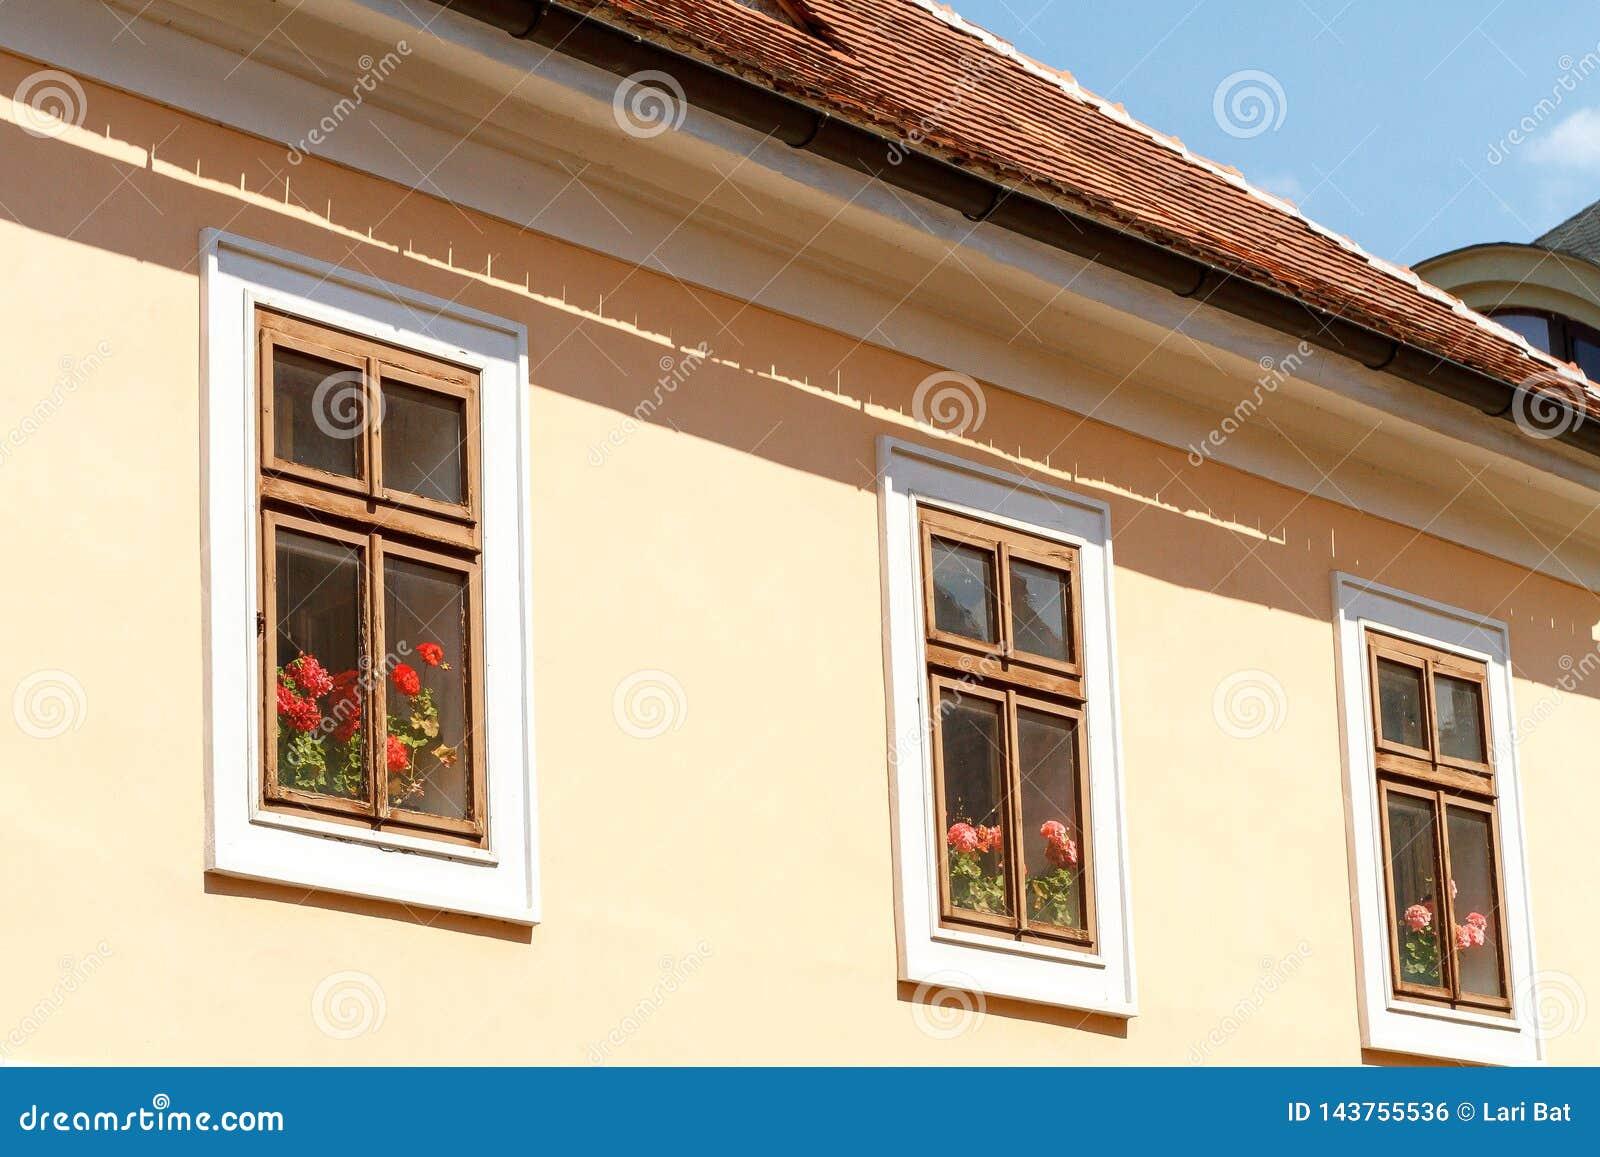 G?ranium derri?re les fen?tres en bois dans une maison avec un toit carrel?